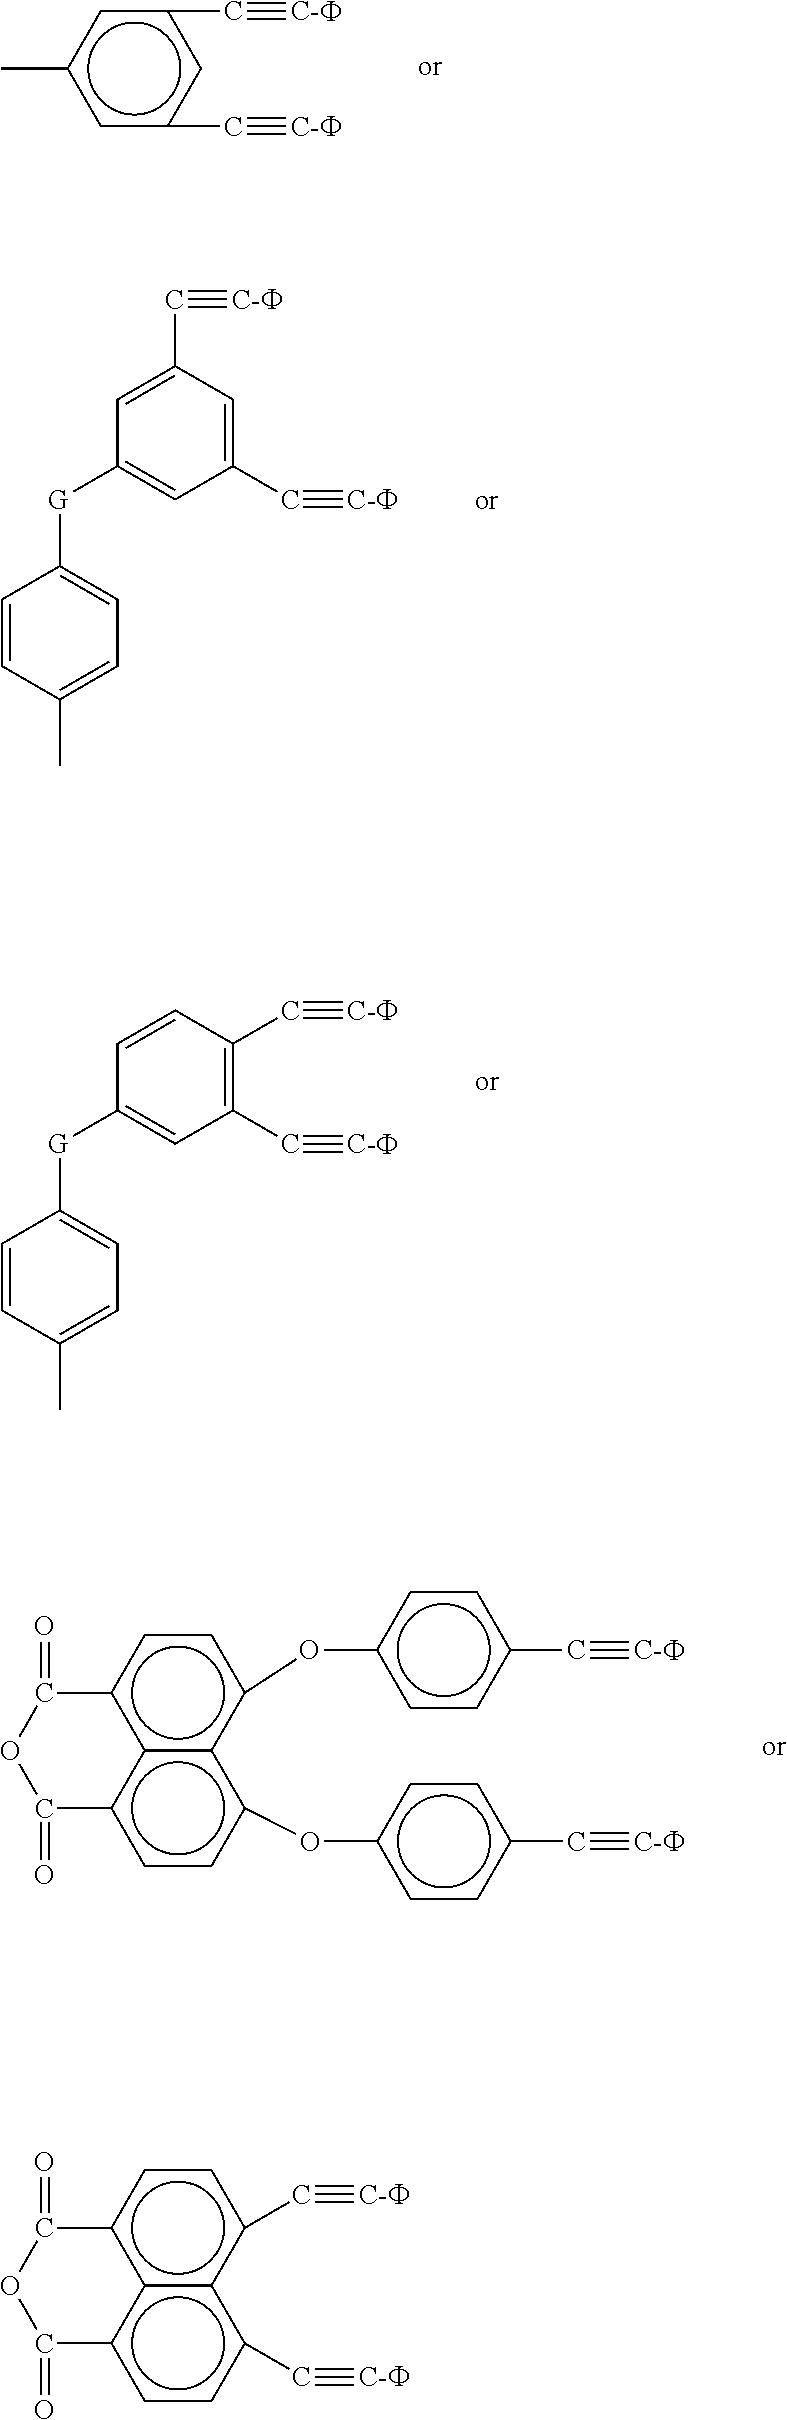 Figure US08106142-20120131-C00039